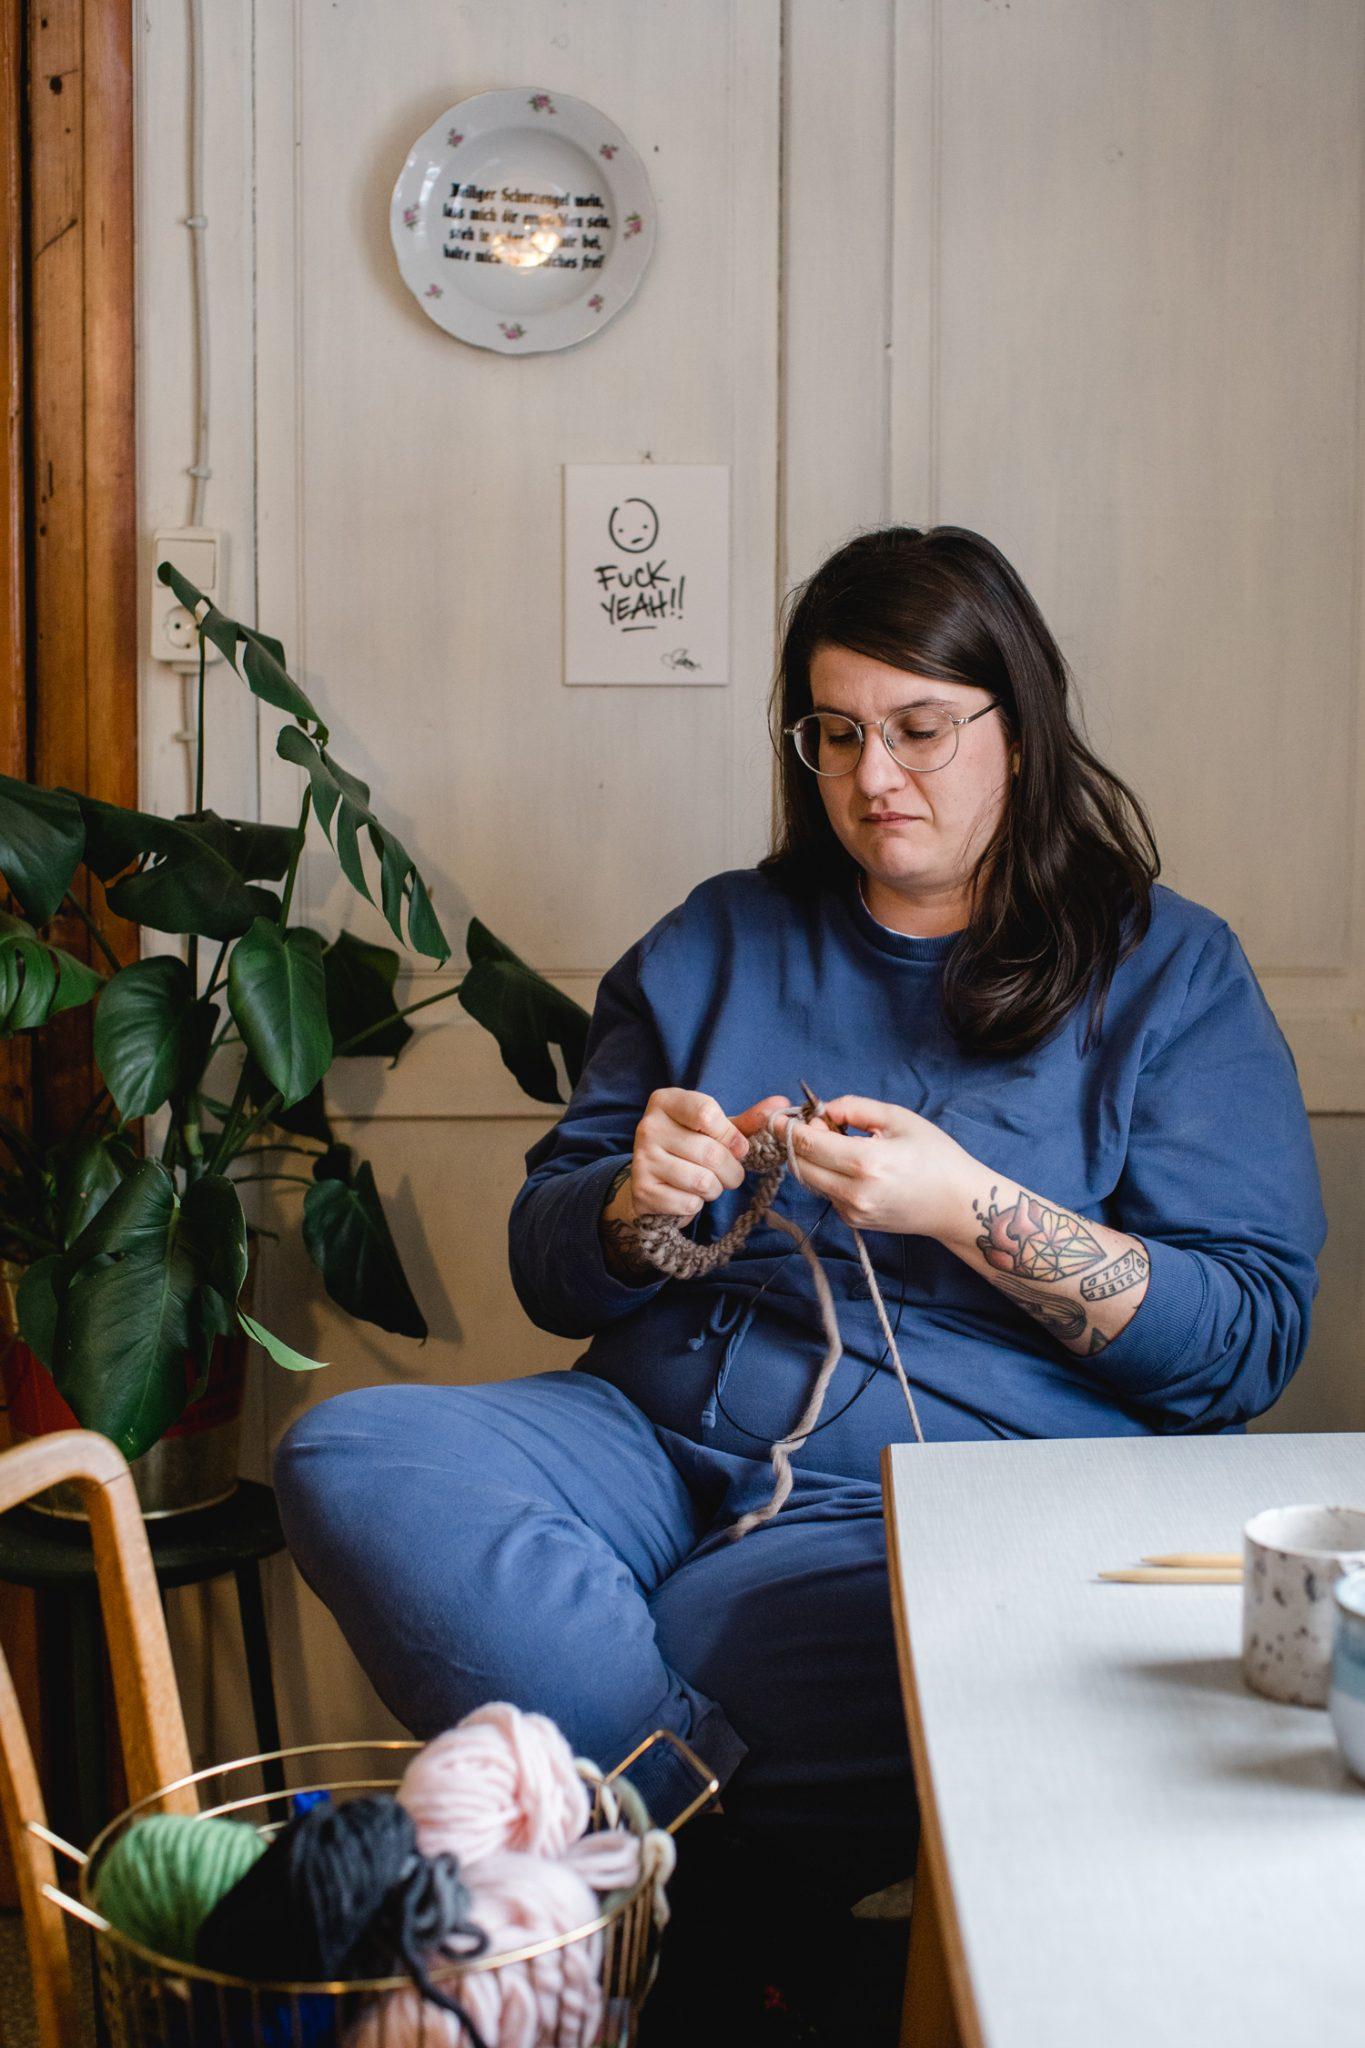 Da sitzt Simone Angerer und gibt sich vollkommen dem Stricken hin. So fertigt sie für Klunkar die Merino Stirnbänder. Foto von Nina Bröll.